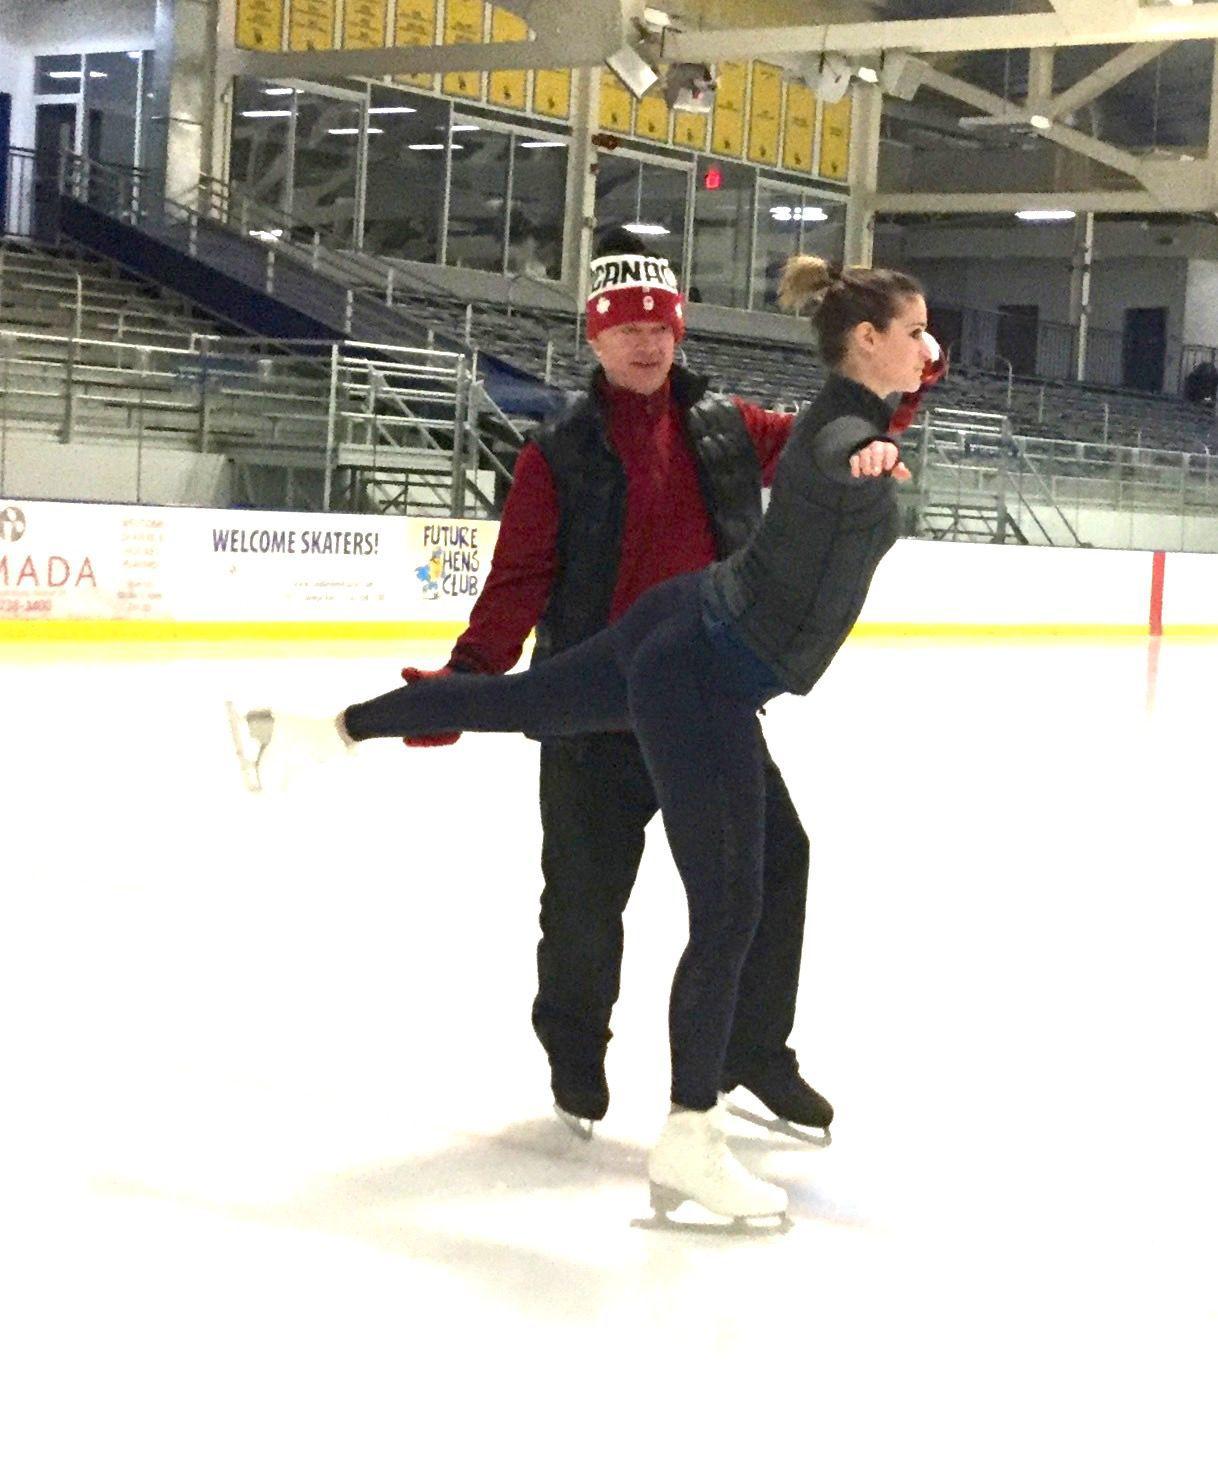 Skating makes u lewd